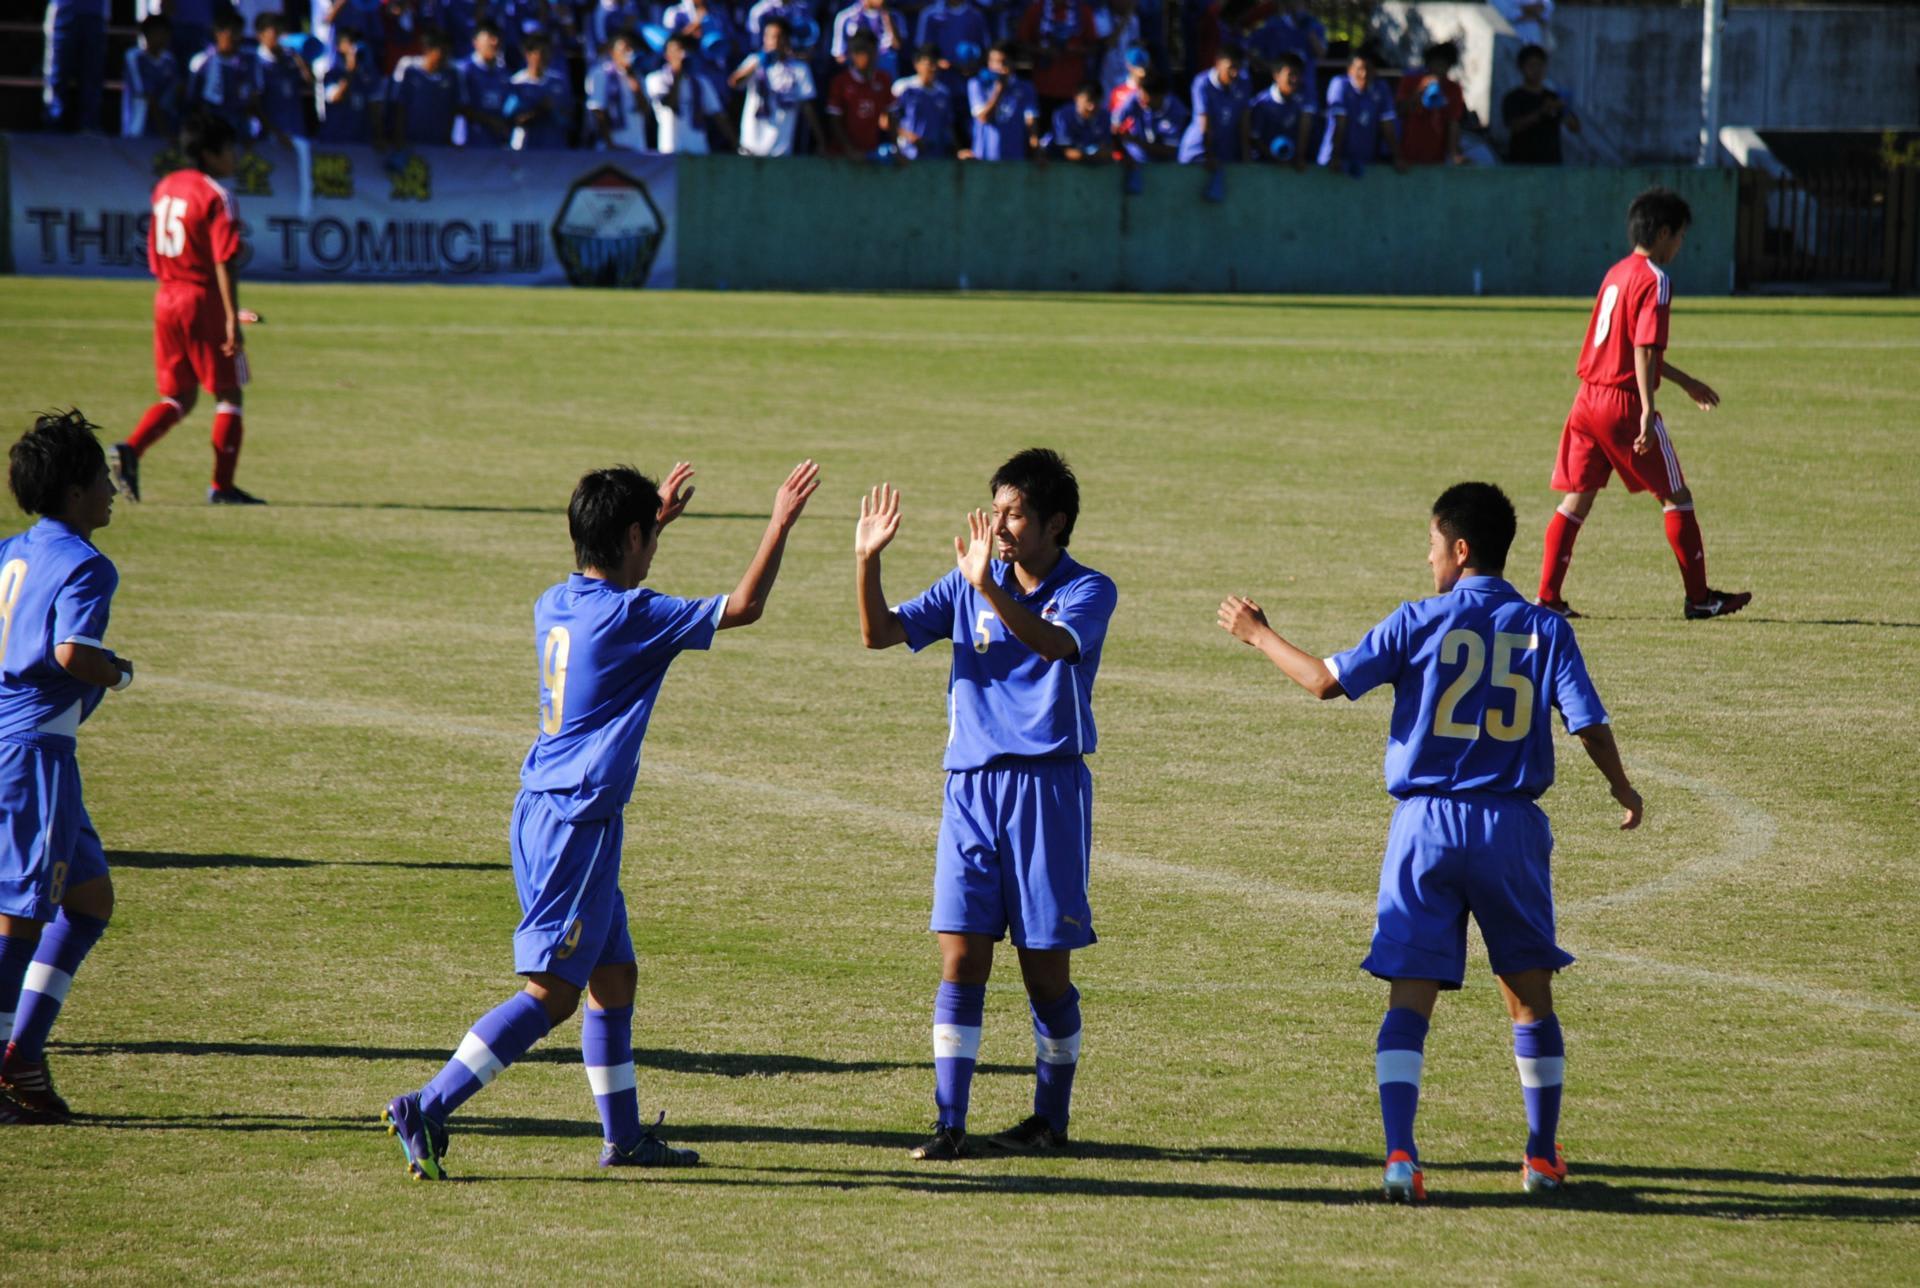 富山第一高校サッカー部 TOMIICHI FC 2014